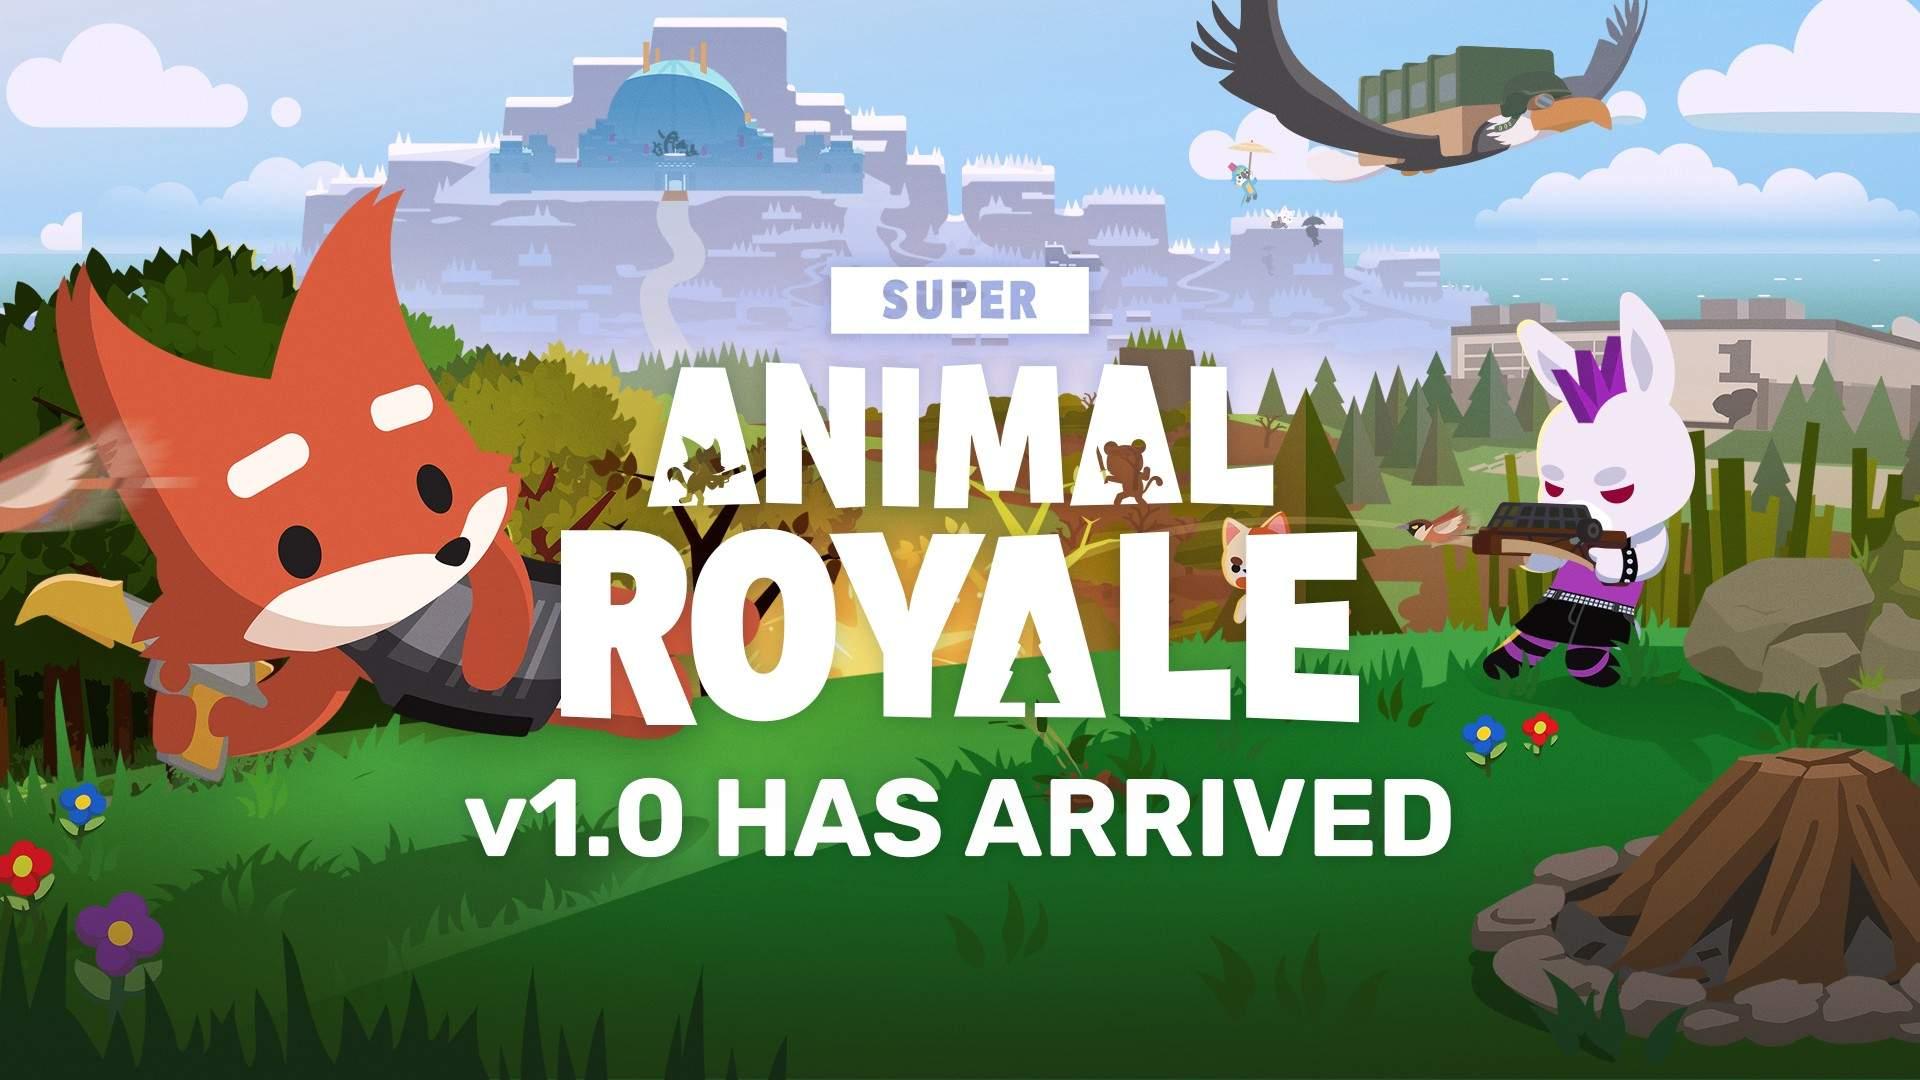 Super Animal Royale 1.0 è ora disponibile con animali domestici, potenziamenti, prima stagione e altro